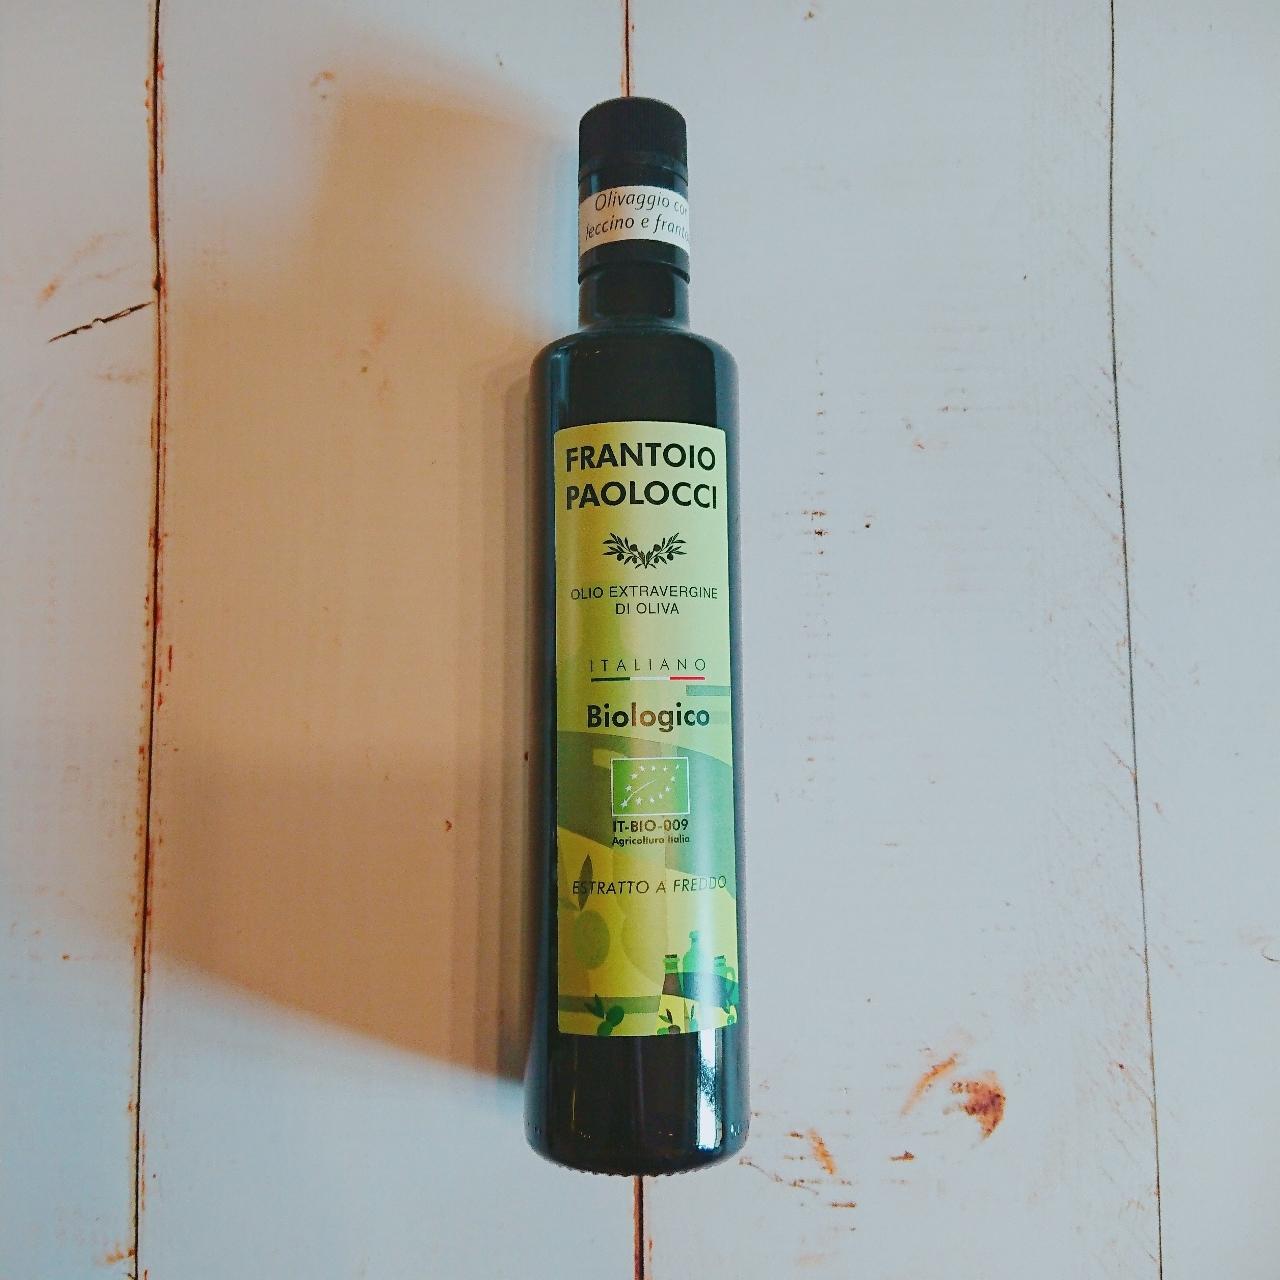 【'20-21 olio nuovo】500ml Paolocci パオロッチ BIOLOGICO ビオロジコ